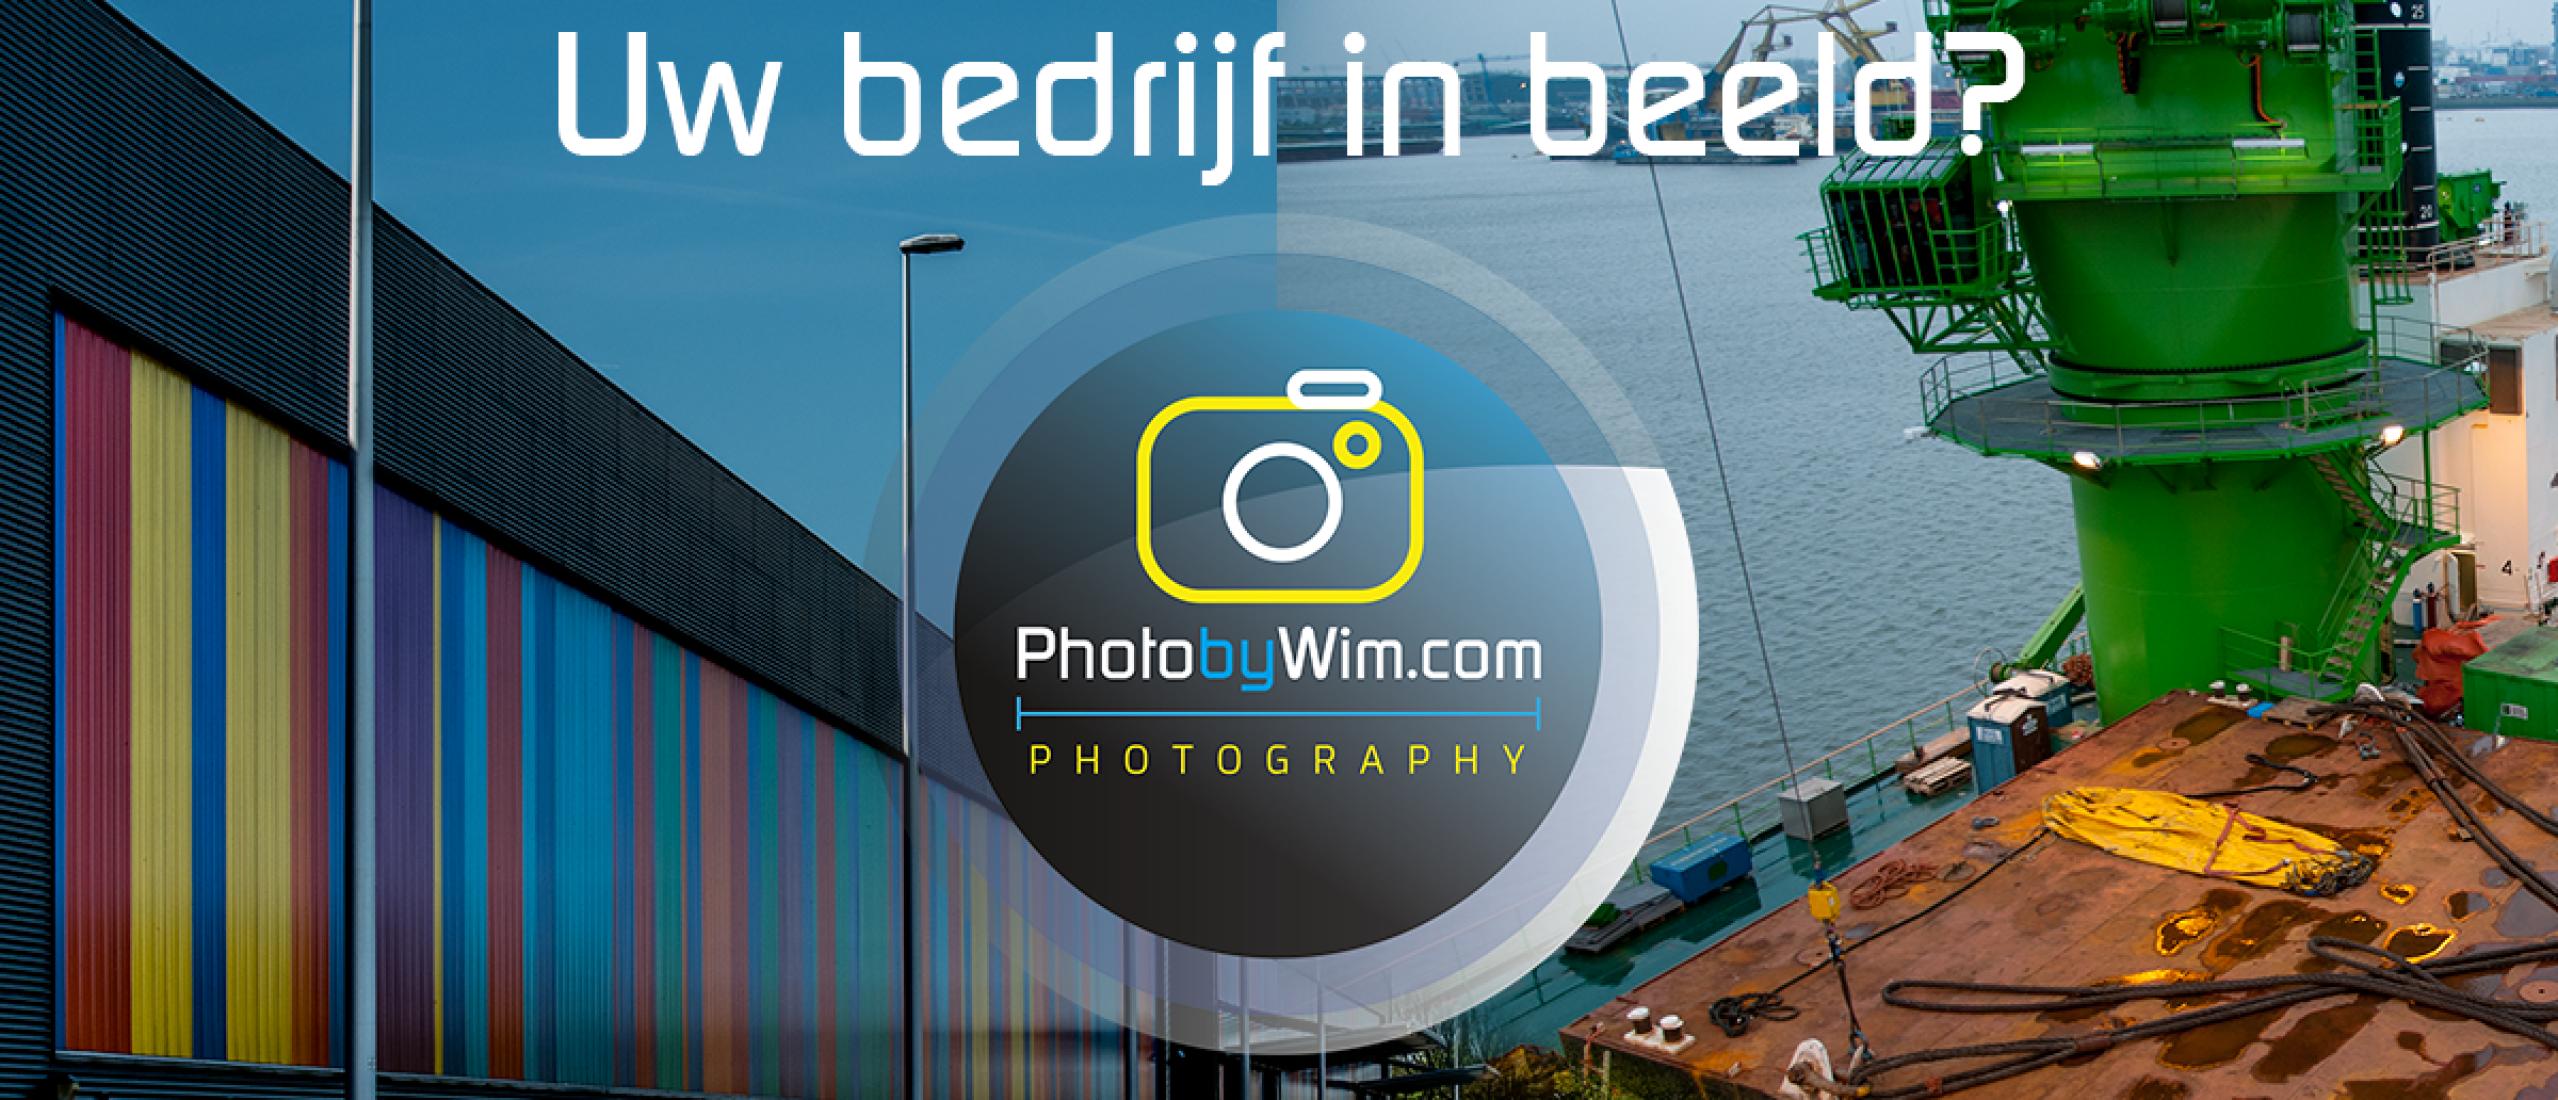 VERNIEUWDE WEBSITE www.photobywim.com